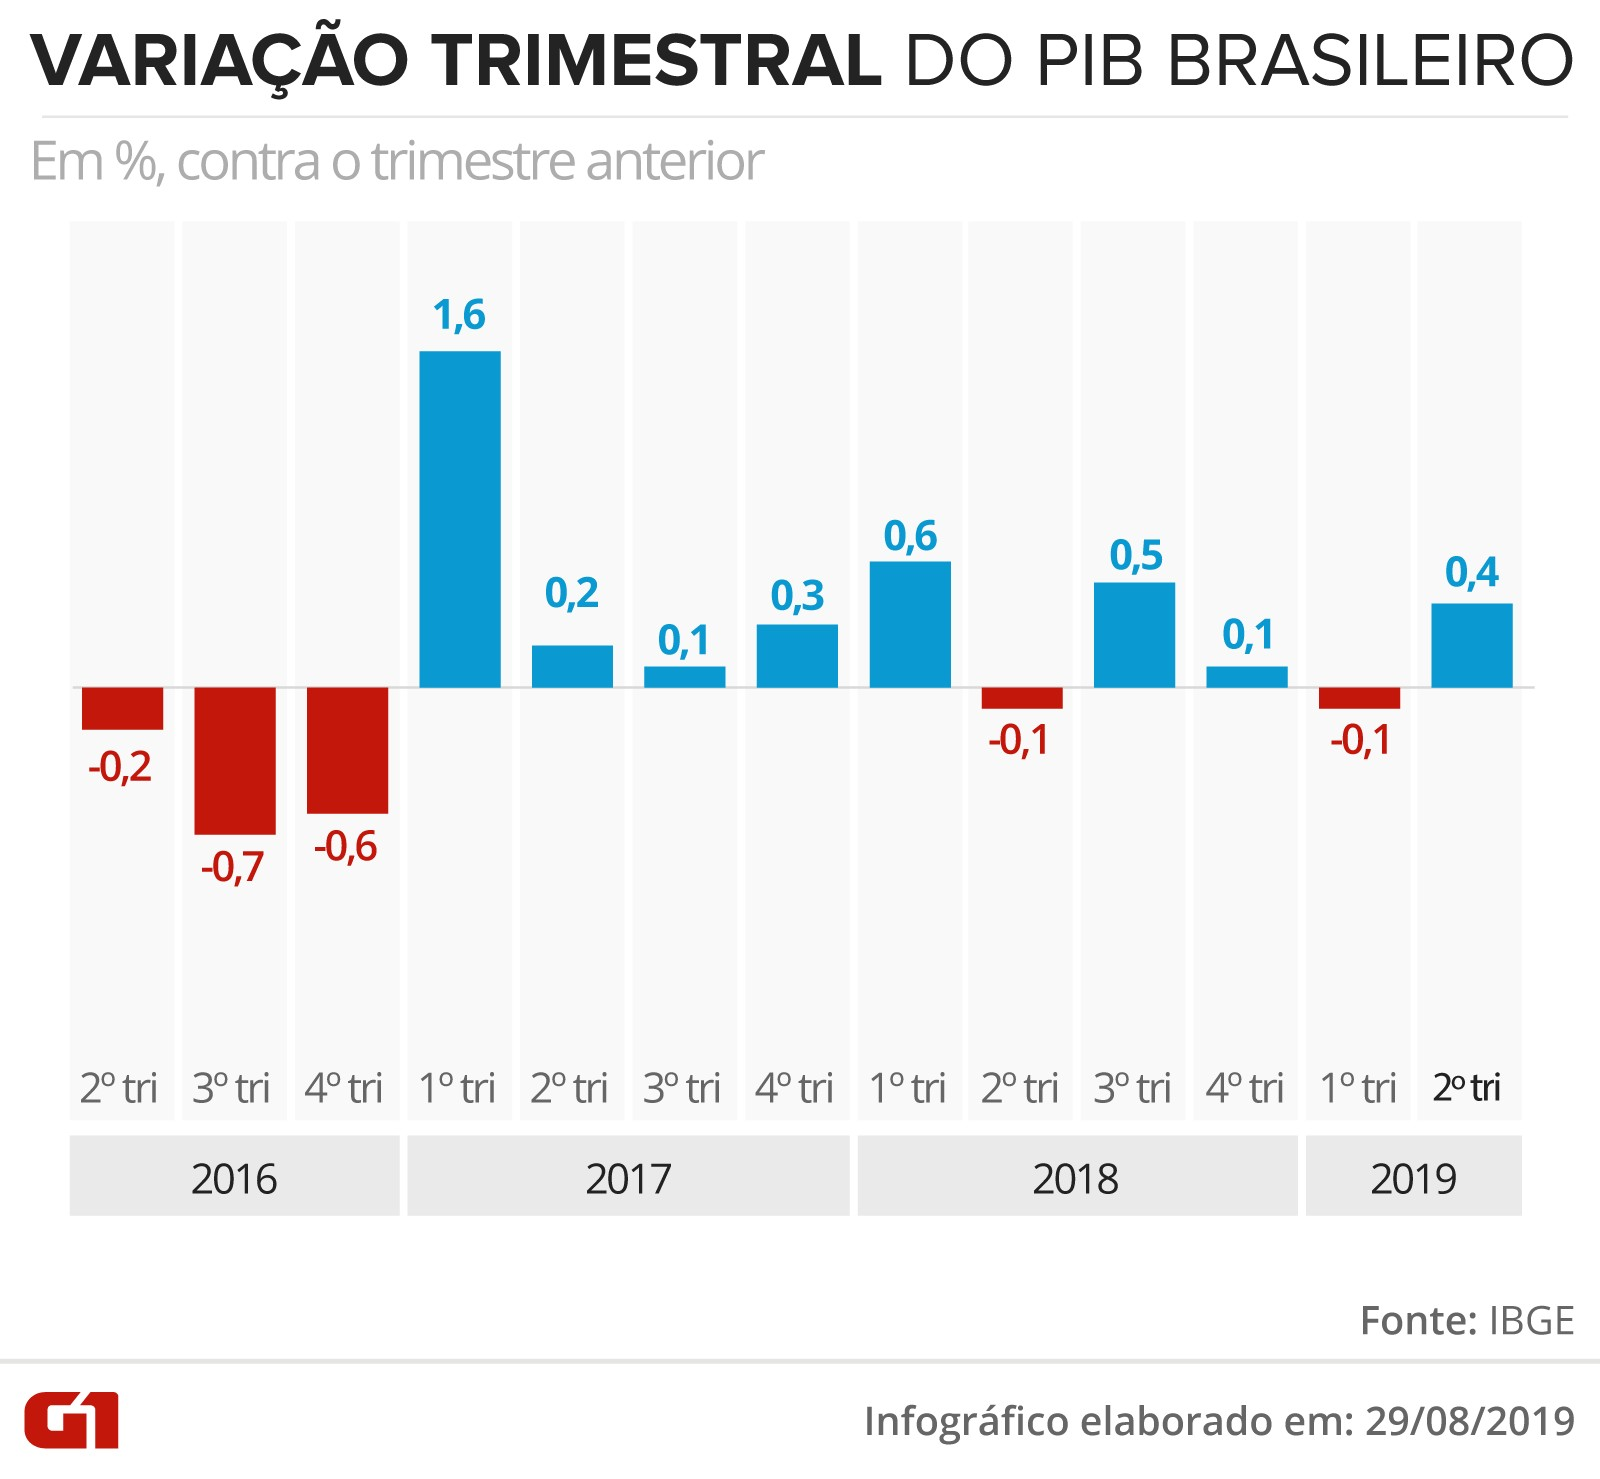 Economia brasileira caiu 0,2% em julho, aponta monitor do PIB da FGV - Notícias - Plantão Diário